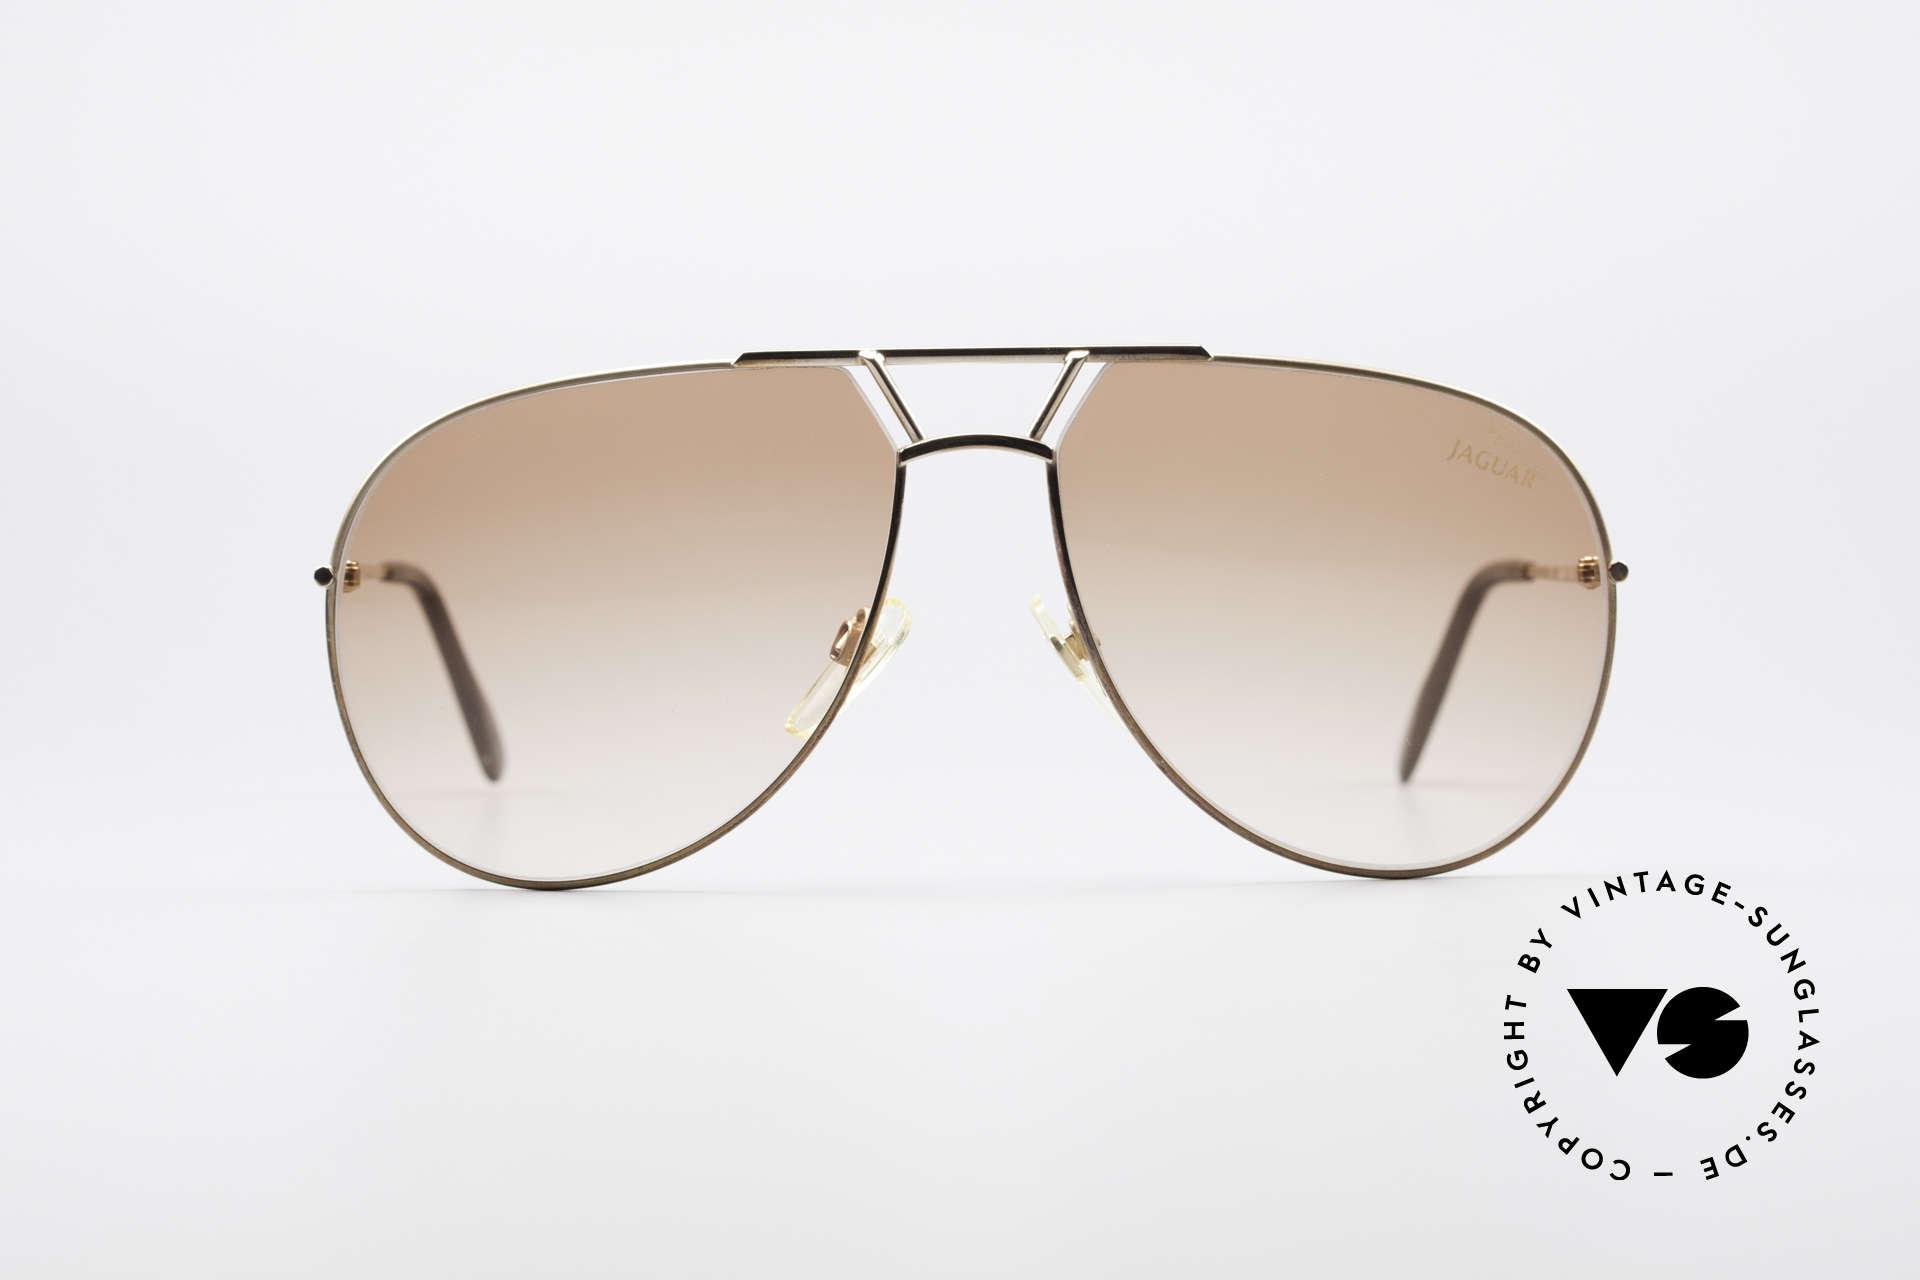 """Jaguar 795 Vintage Men's Sunglasses, striking, masculine & """"old british"""" - a classic!, Made for Men"""